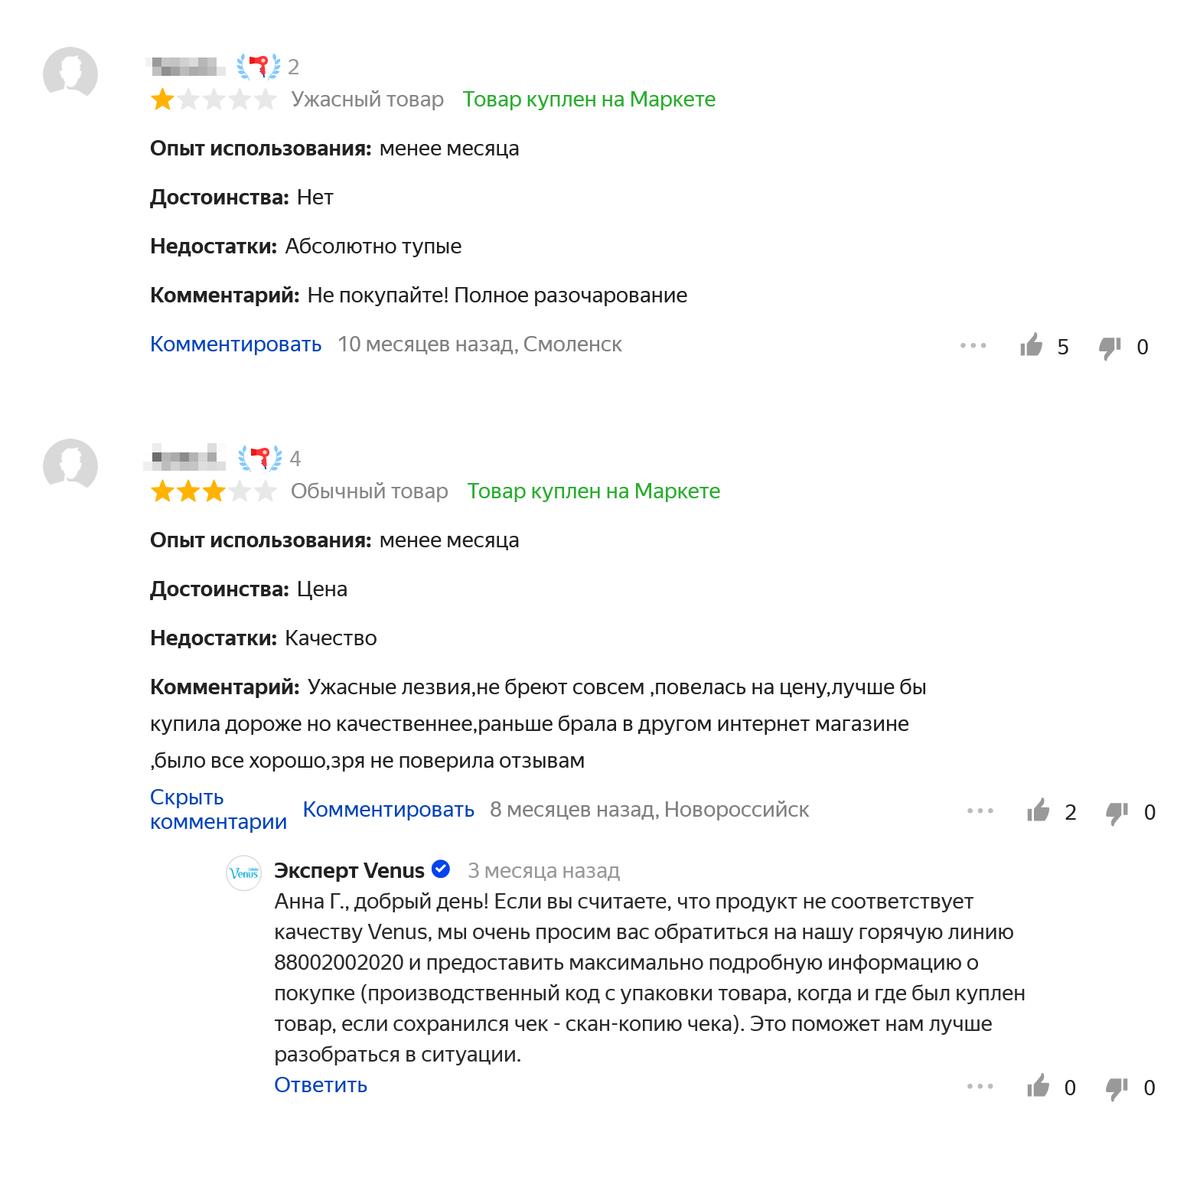 Отзыв о сменных кассетах длябритвы Venus Smooth на«Яндекс-маркете». Подобные жалобы встречались на этой площадке ираньше. Источник: «Яндекс-маркет»